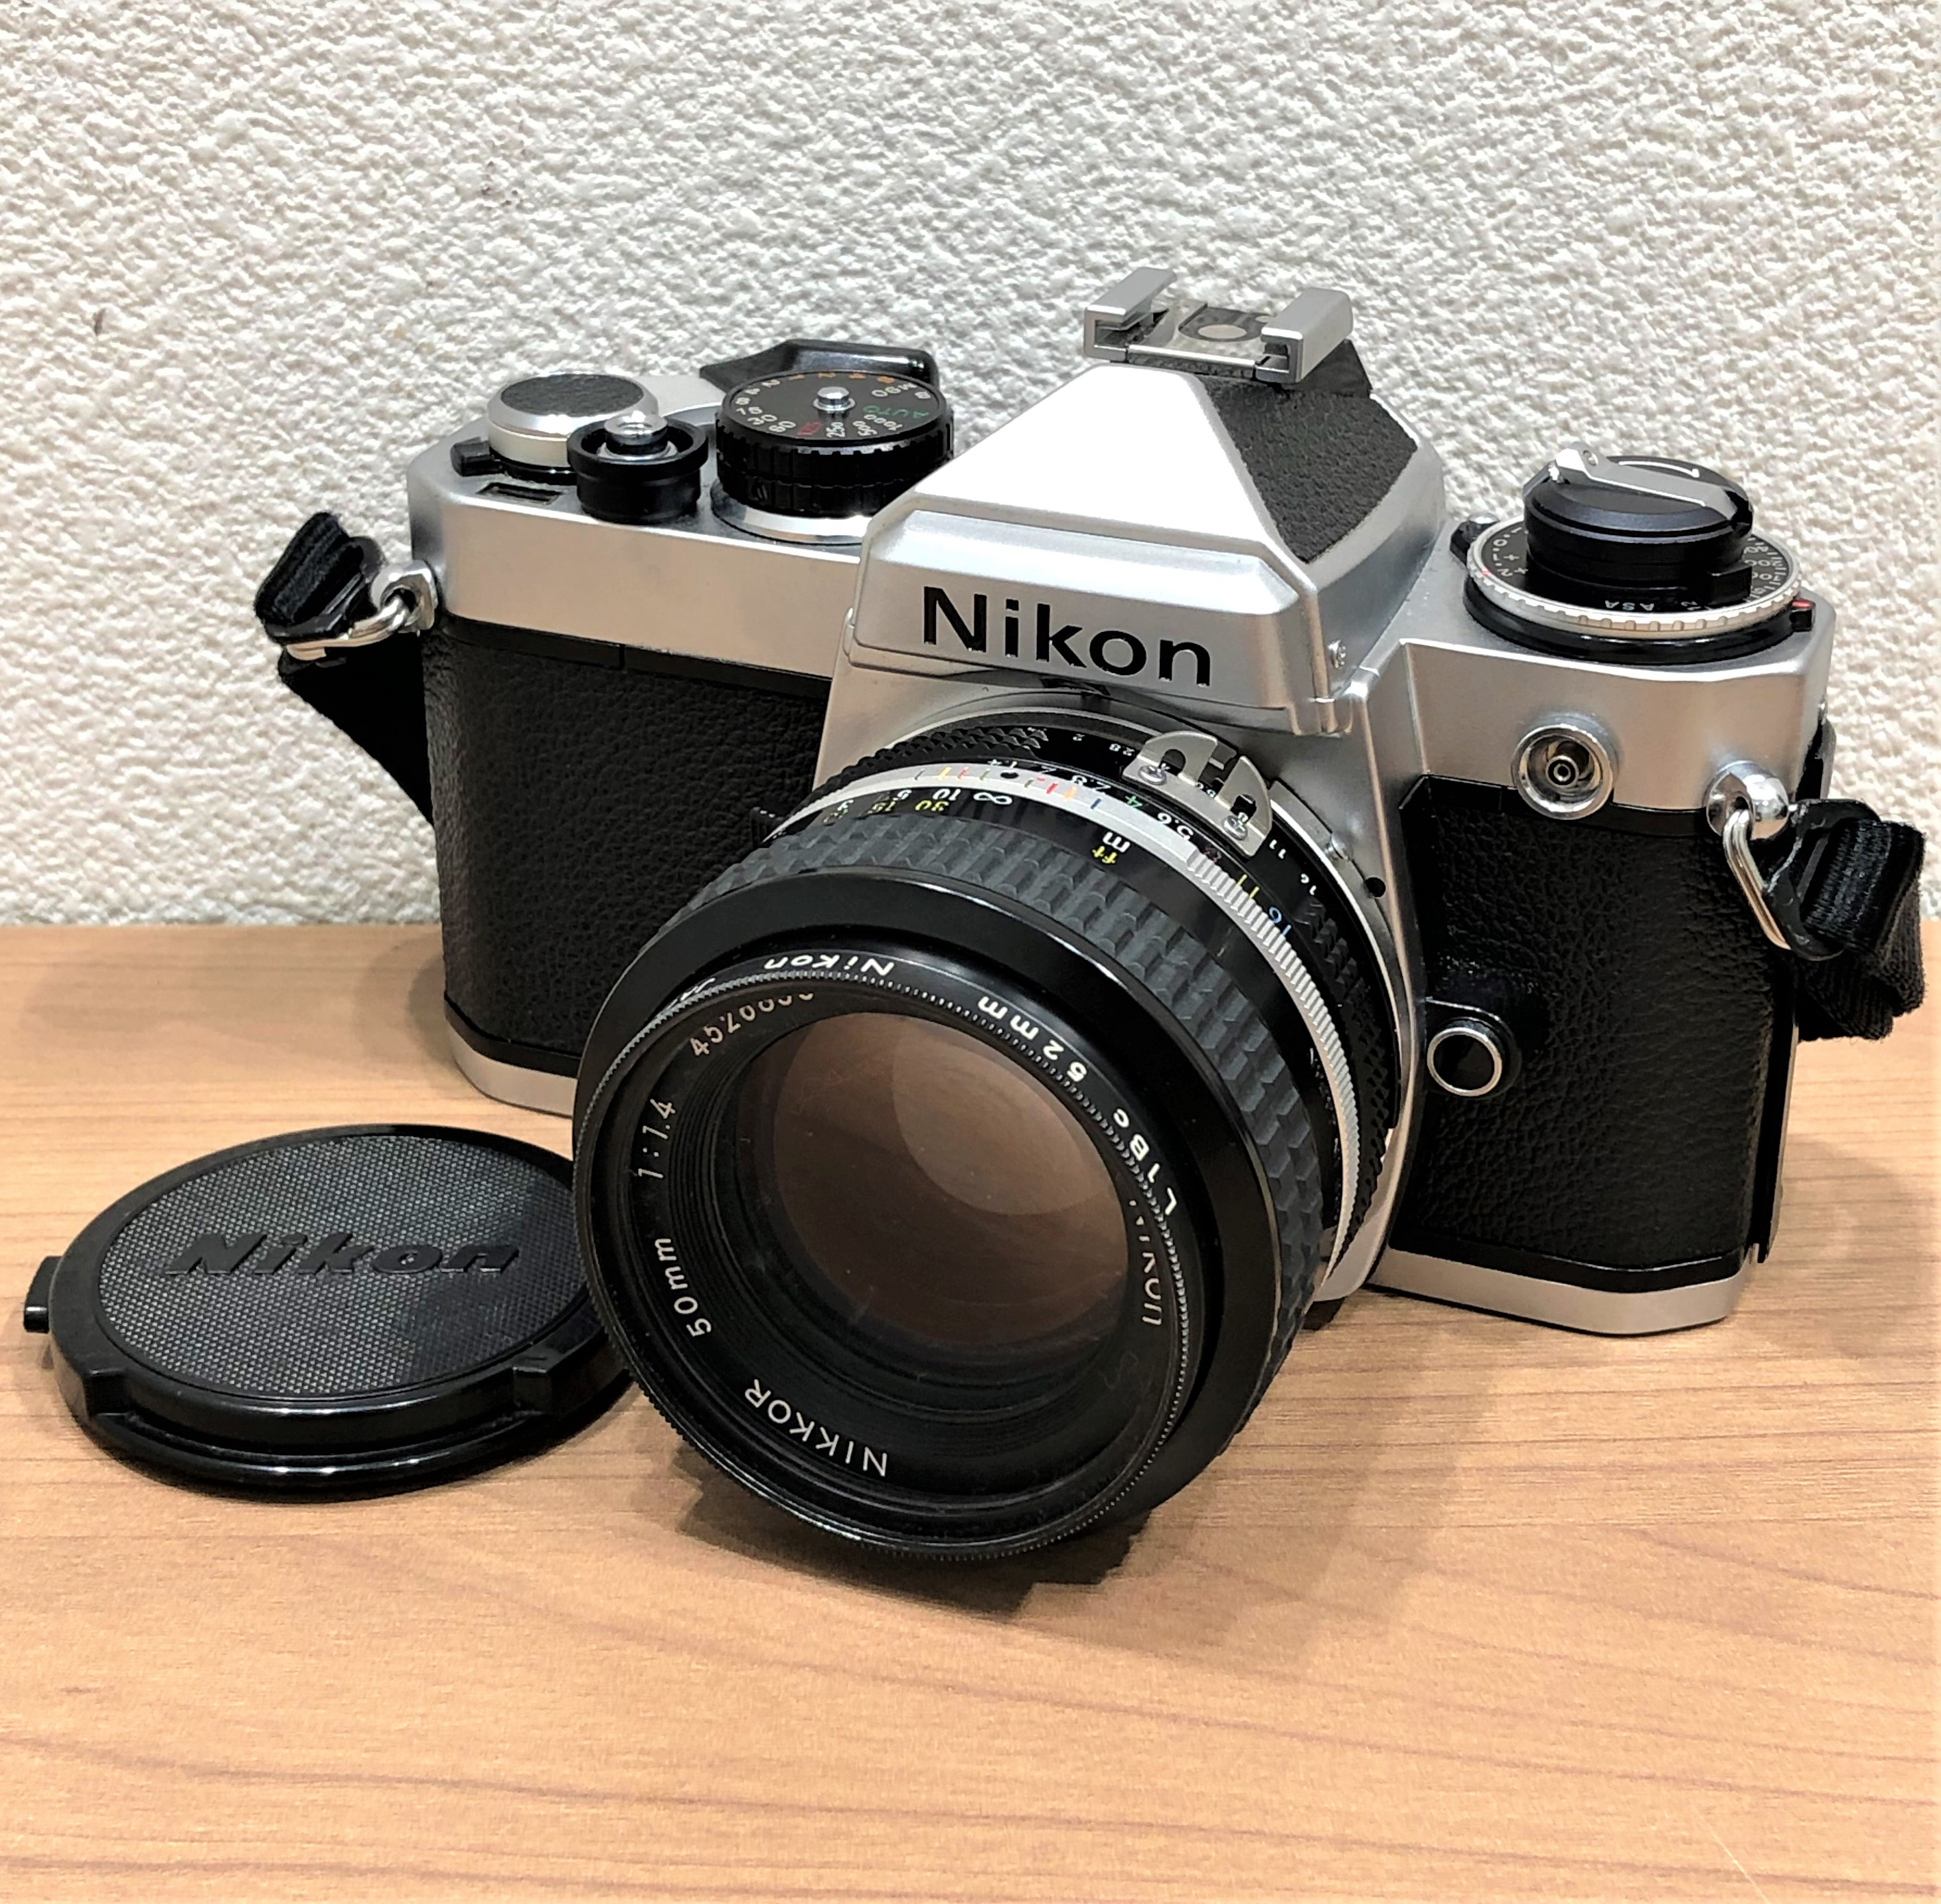 【Nikon/ニコン】FE 50mm 11.4 一眼レフフィルムカメラ